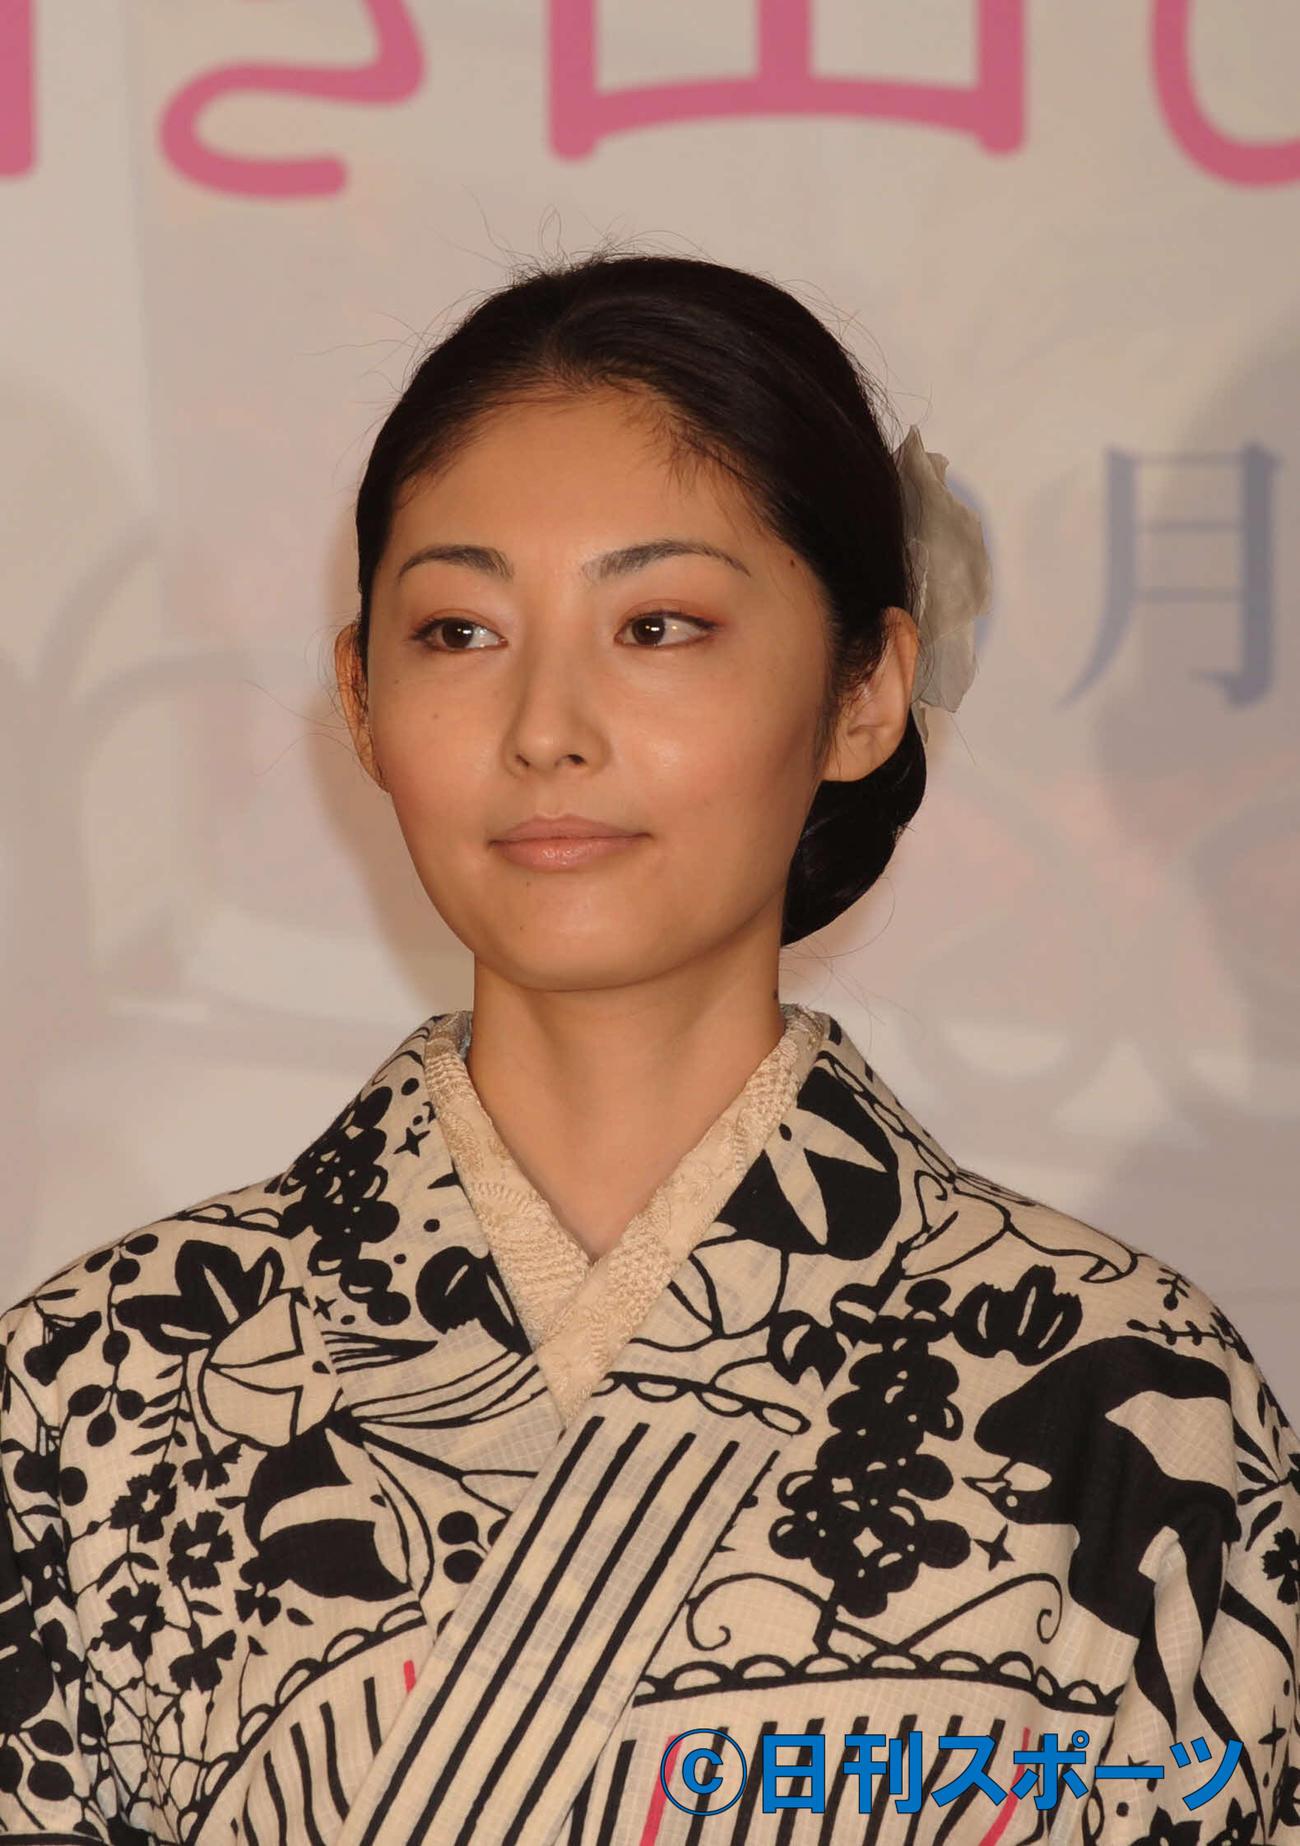 常盤貴子(2009年7月1日撮影)